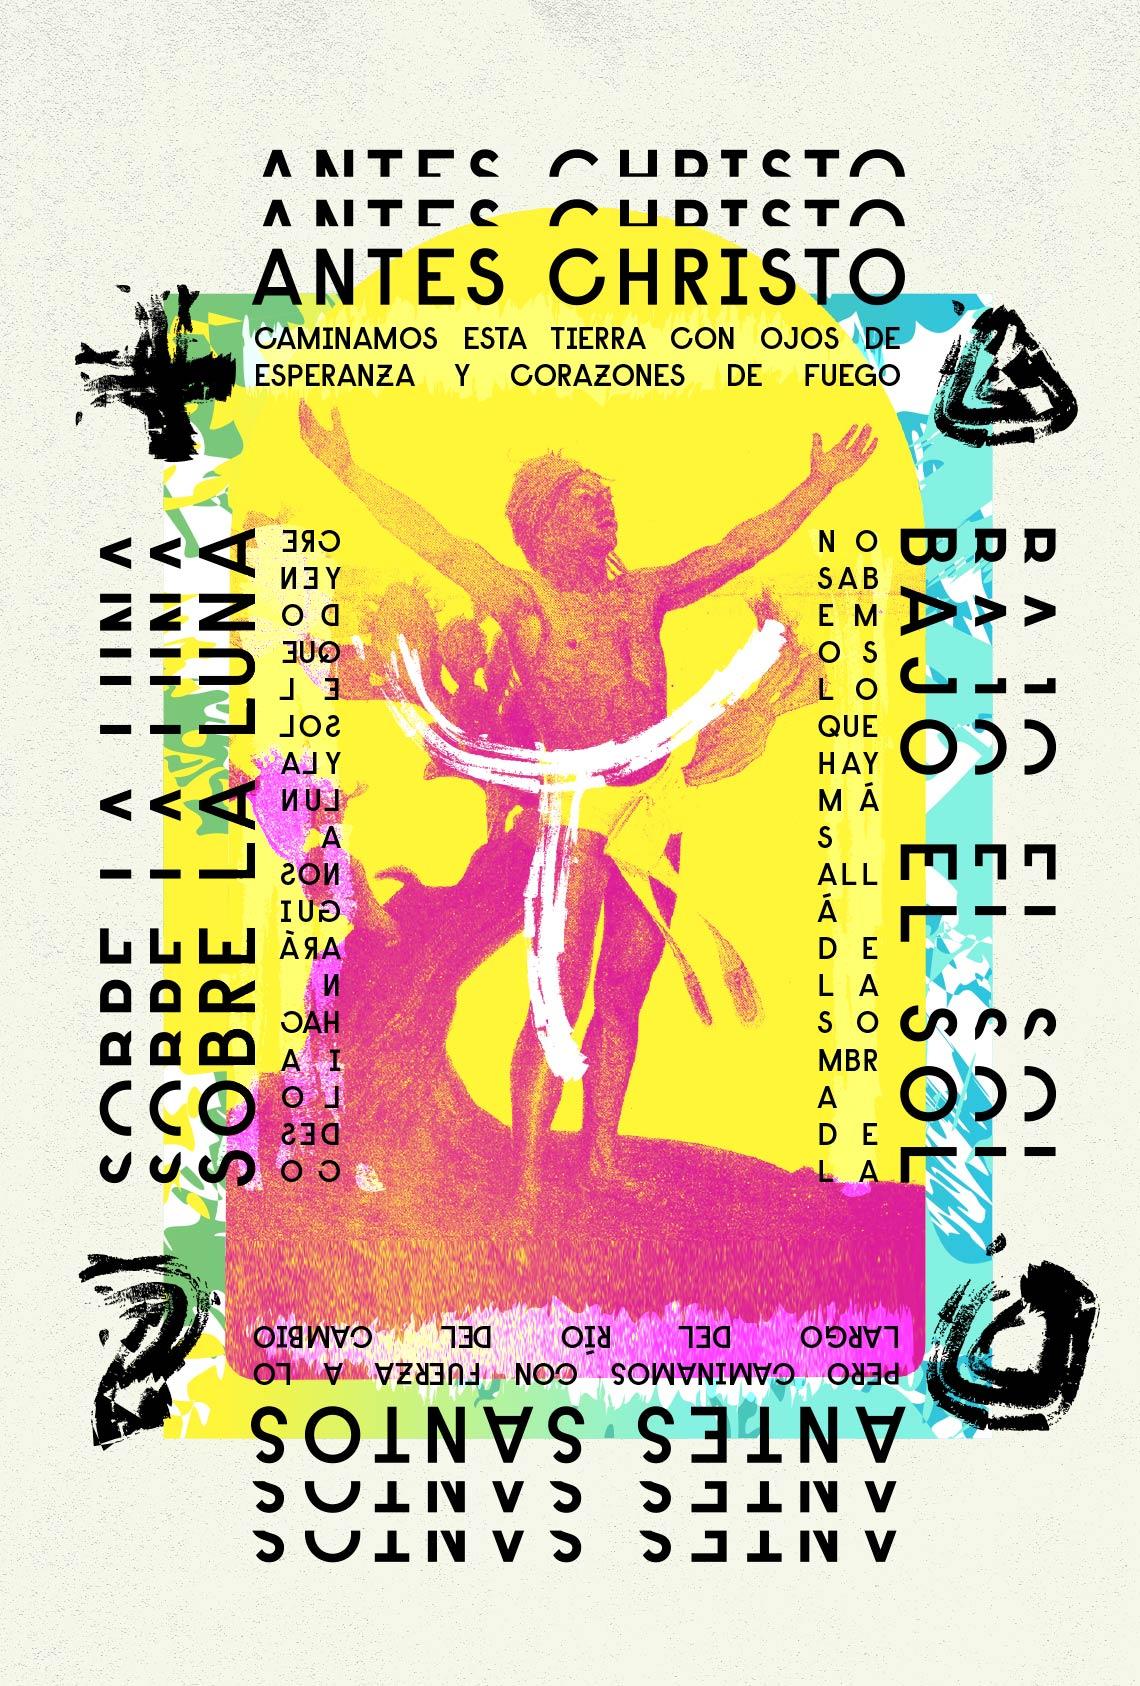 Antes Christo